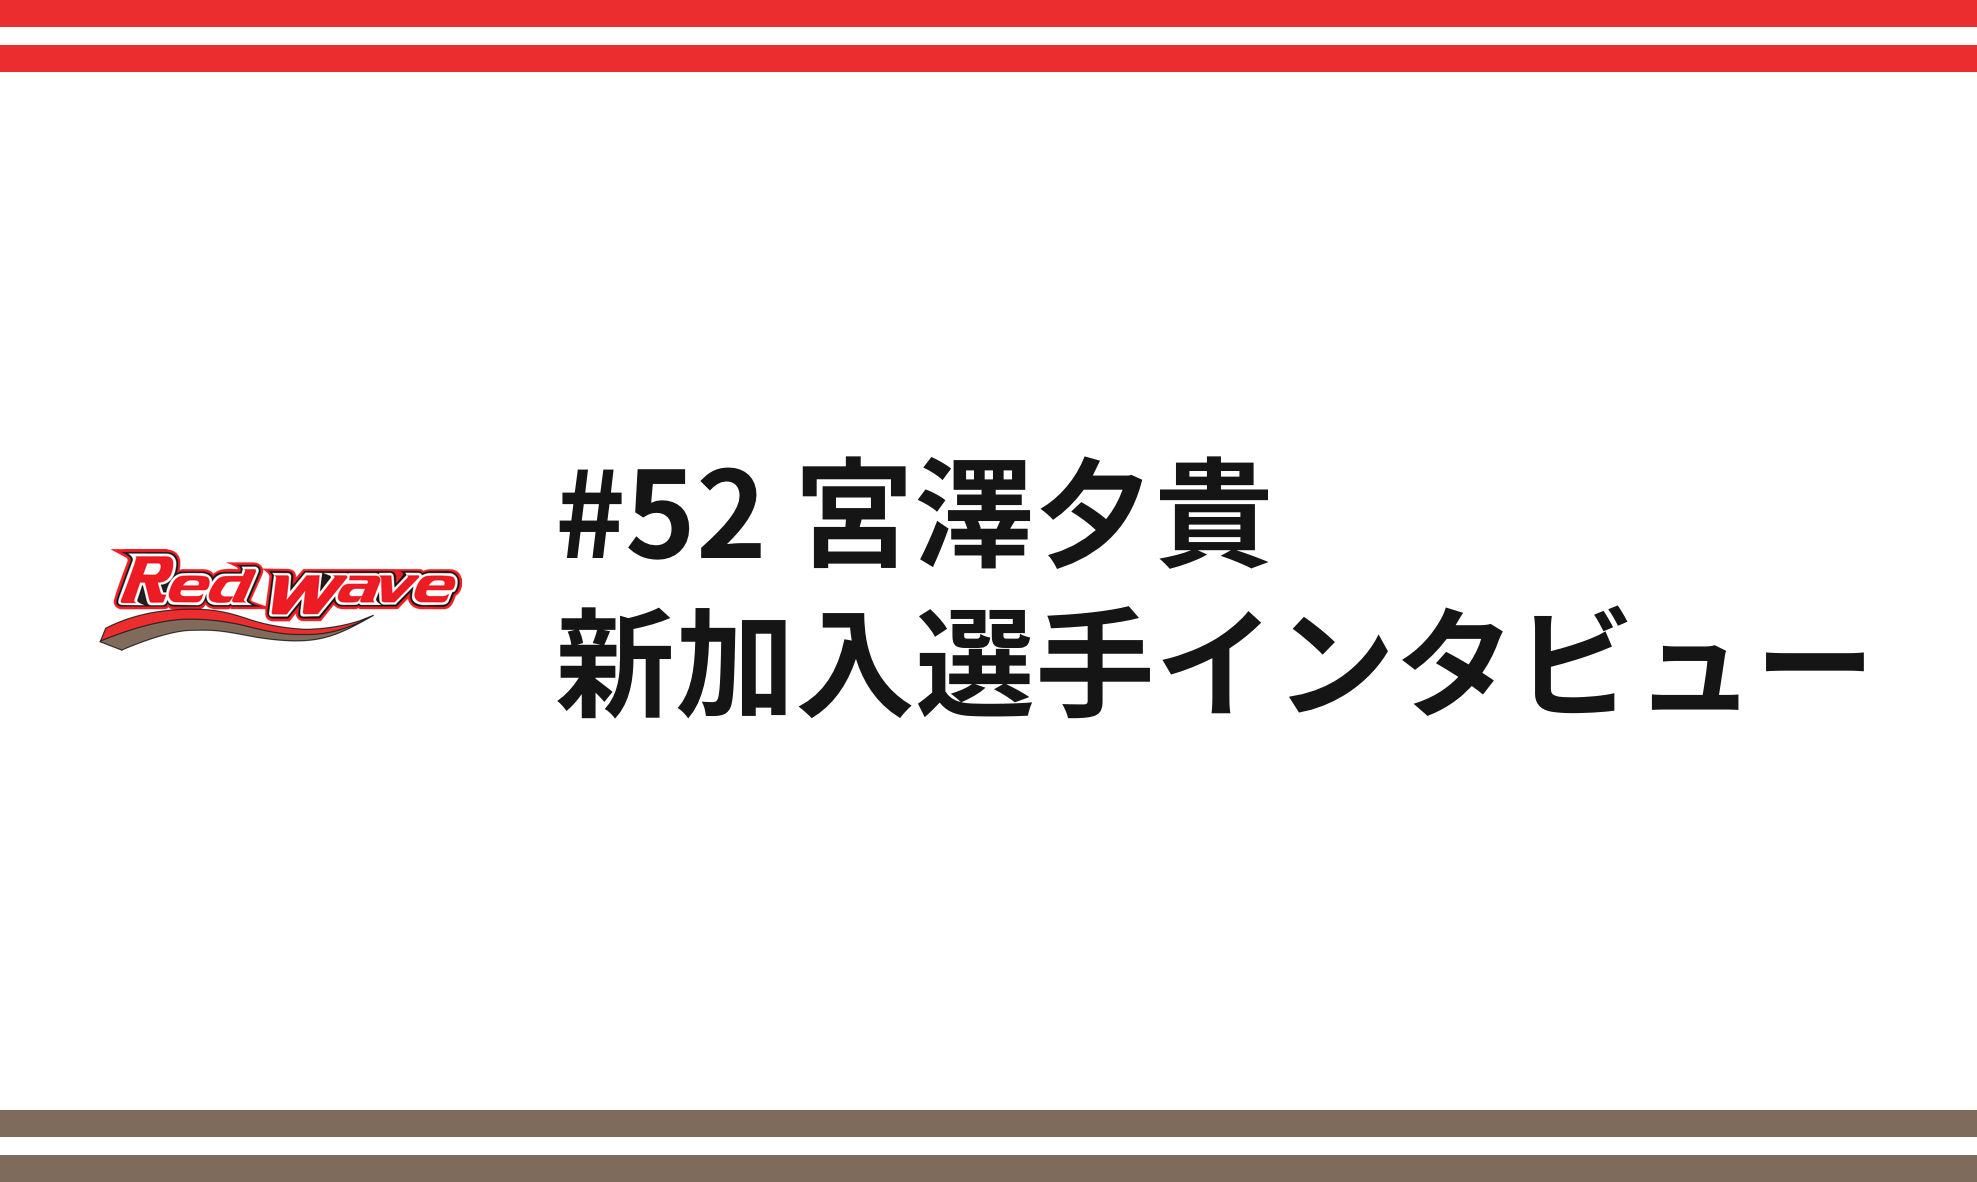 新加入選手 宮澤夕貴 #52 SF インタ…